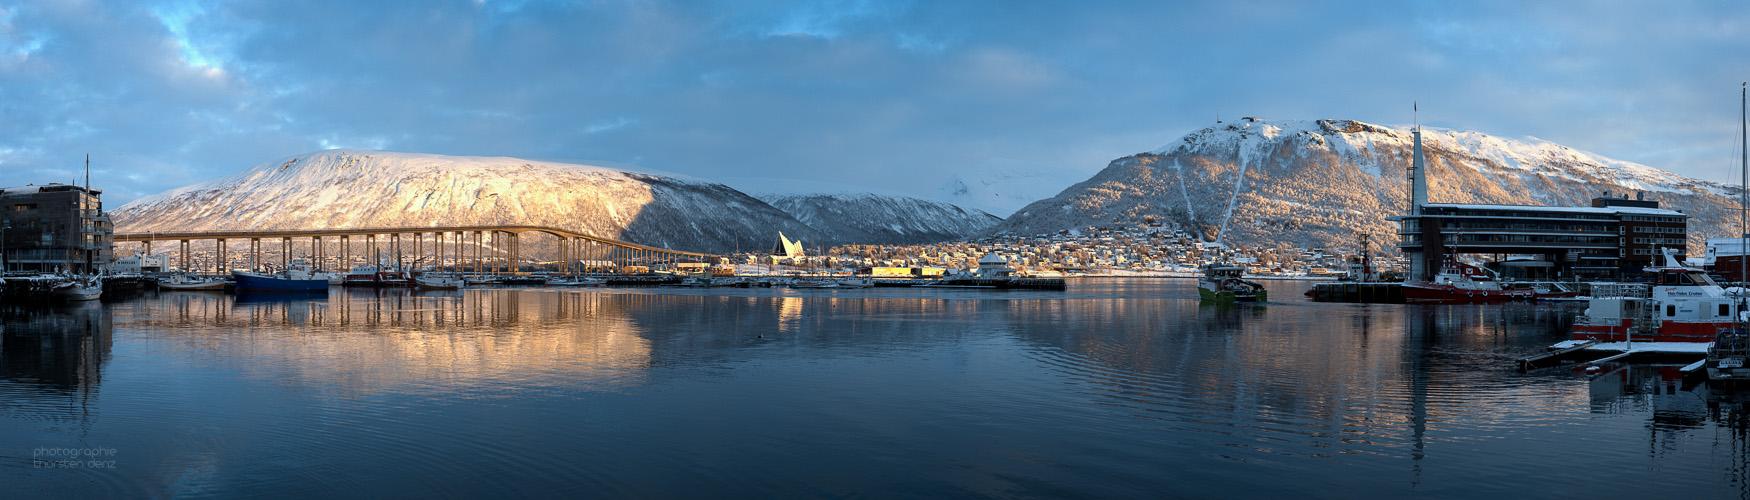 Tromsø - Pano vom Hafen